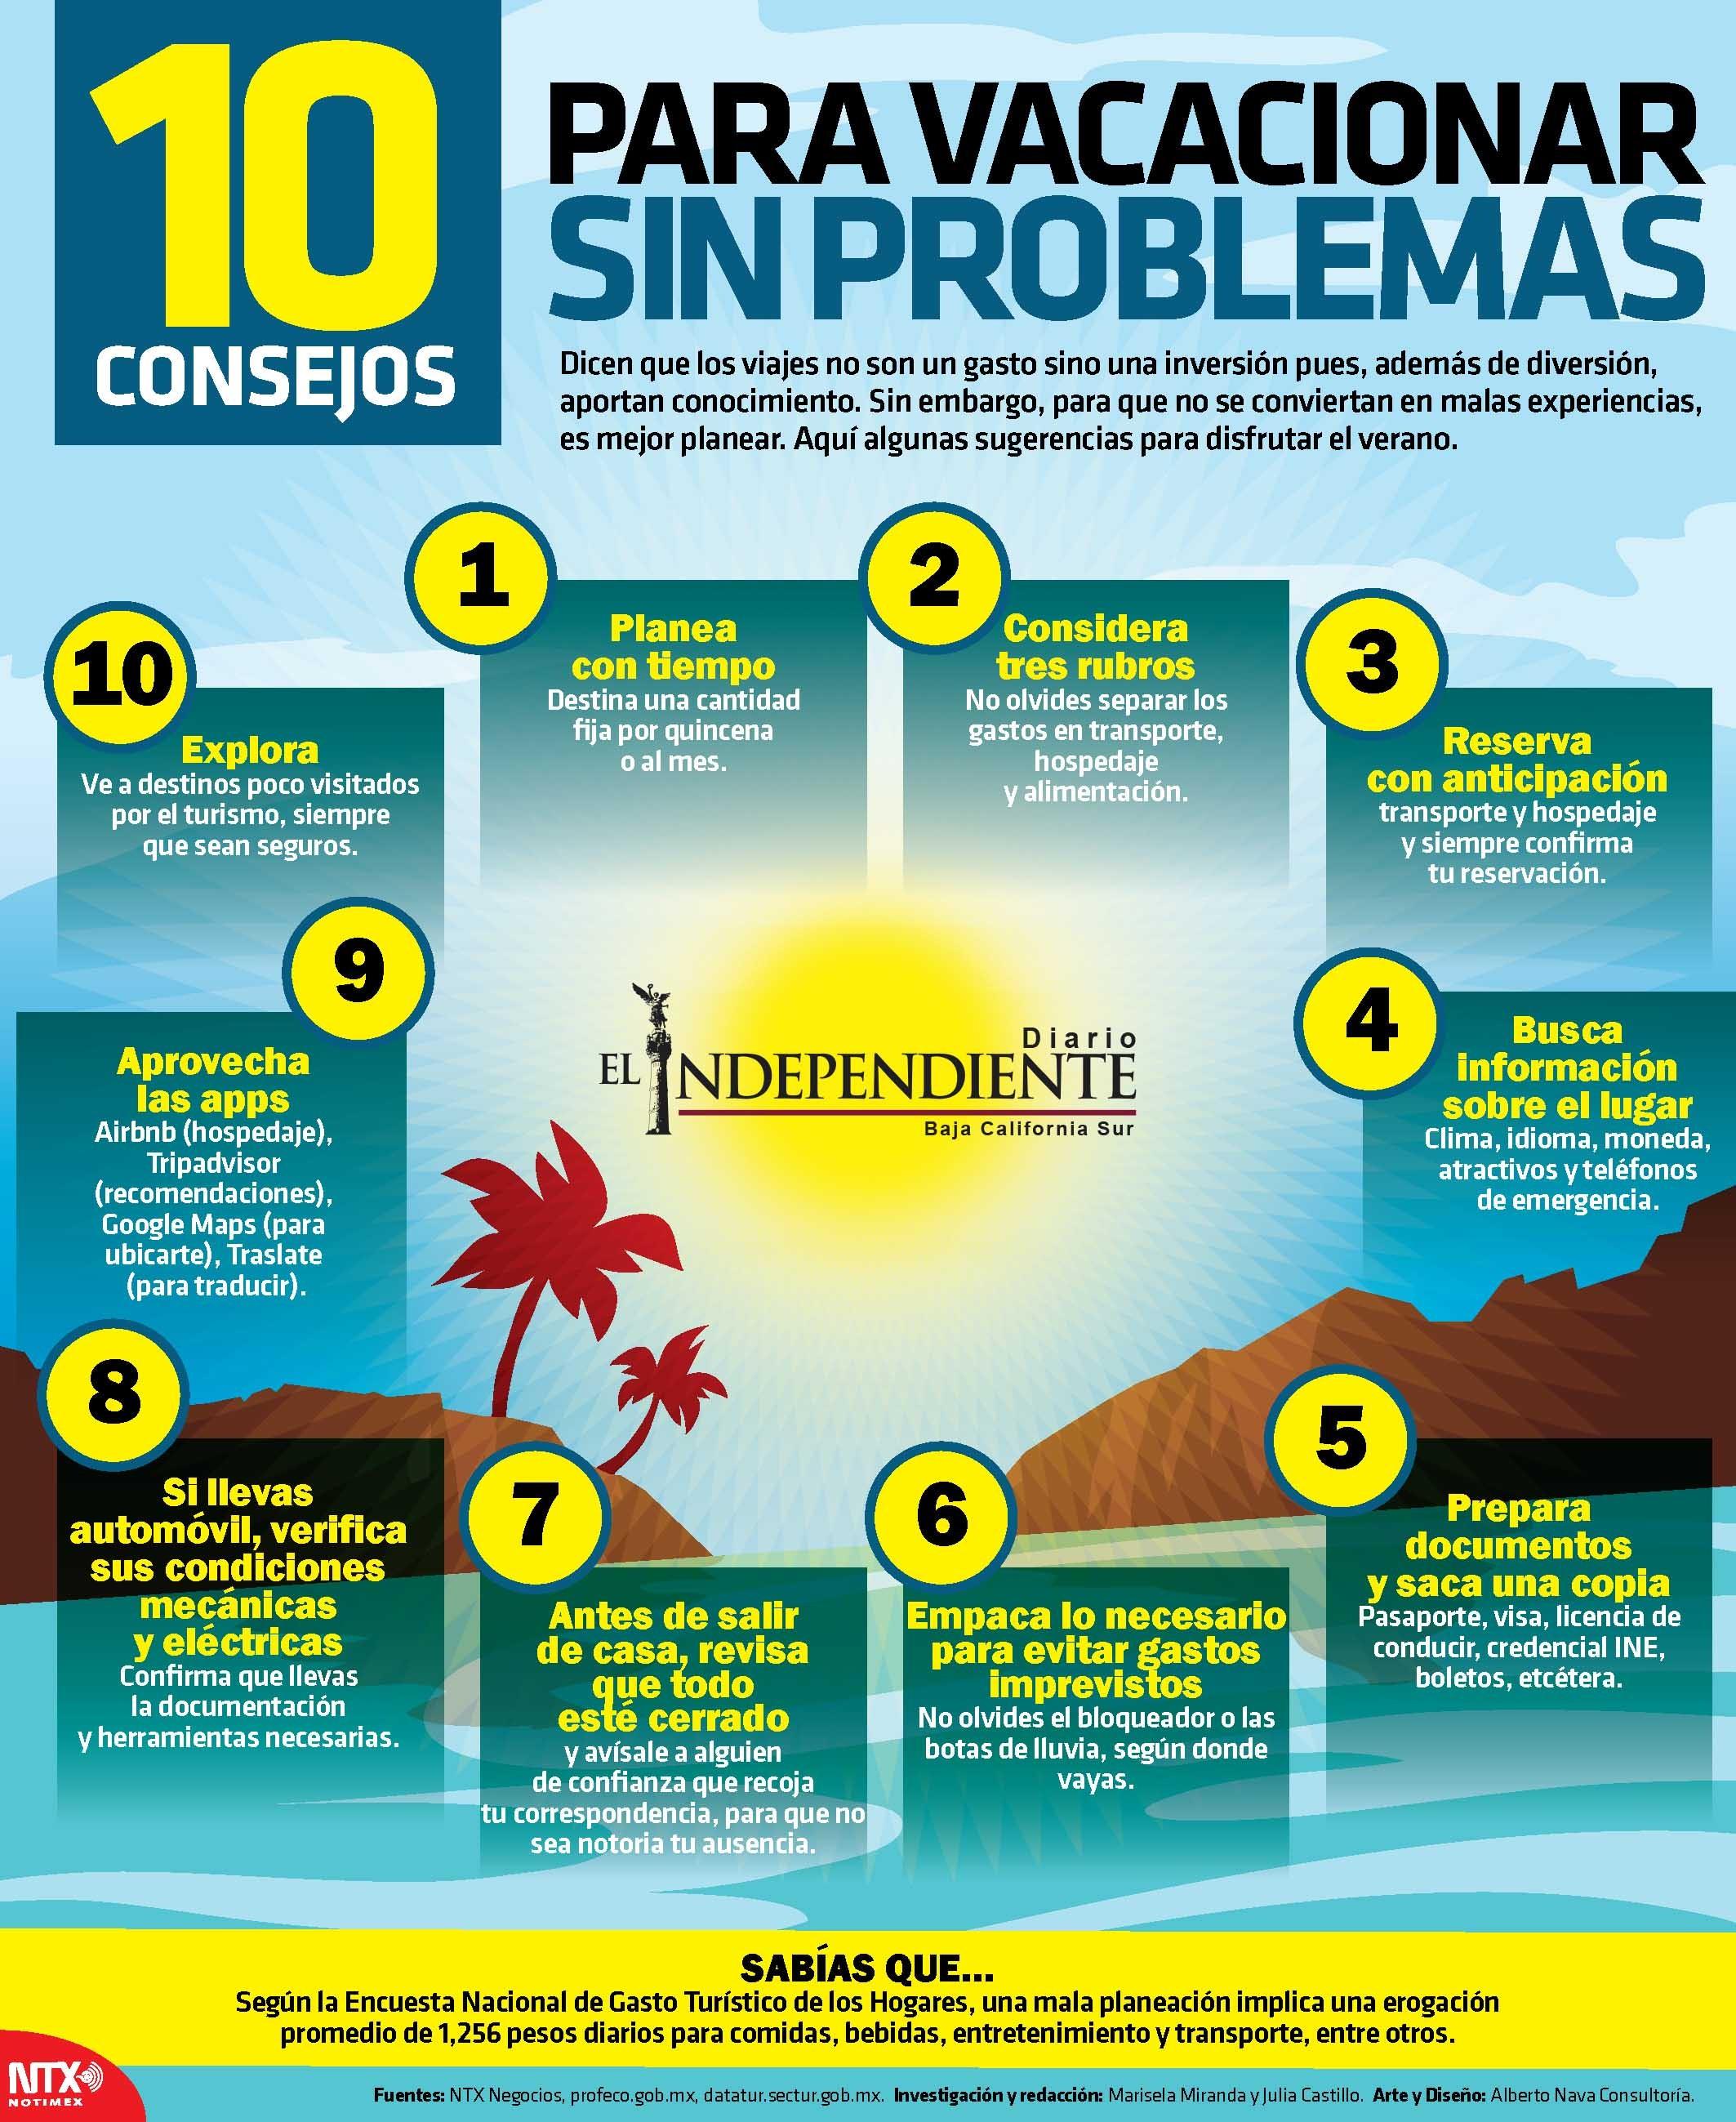 10 CONSEJOS PARA VACACIONAR SIN PROBLEMAS